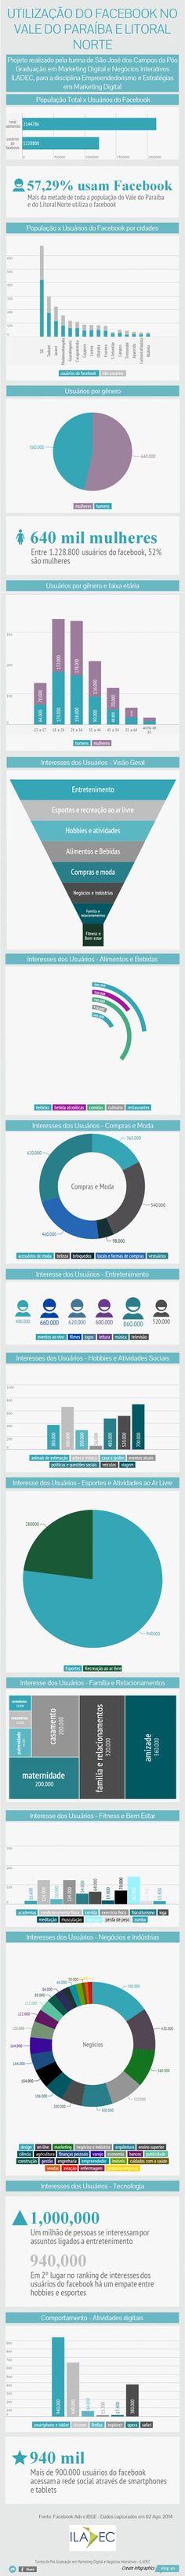 """Estudo realizado sobre o """"Uso do #Facebook no Vale do Paraíba"""", pelos alunos do curso de pós graduação do ILADEC, turma SJC, para a disciplina Inteligência em Redes Sociais. 2014."""